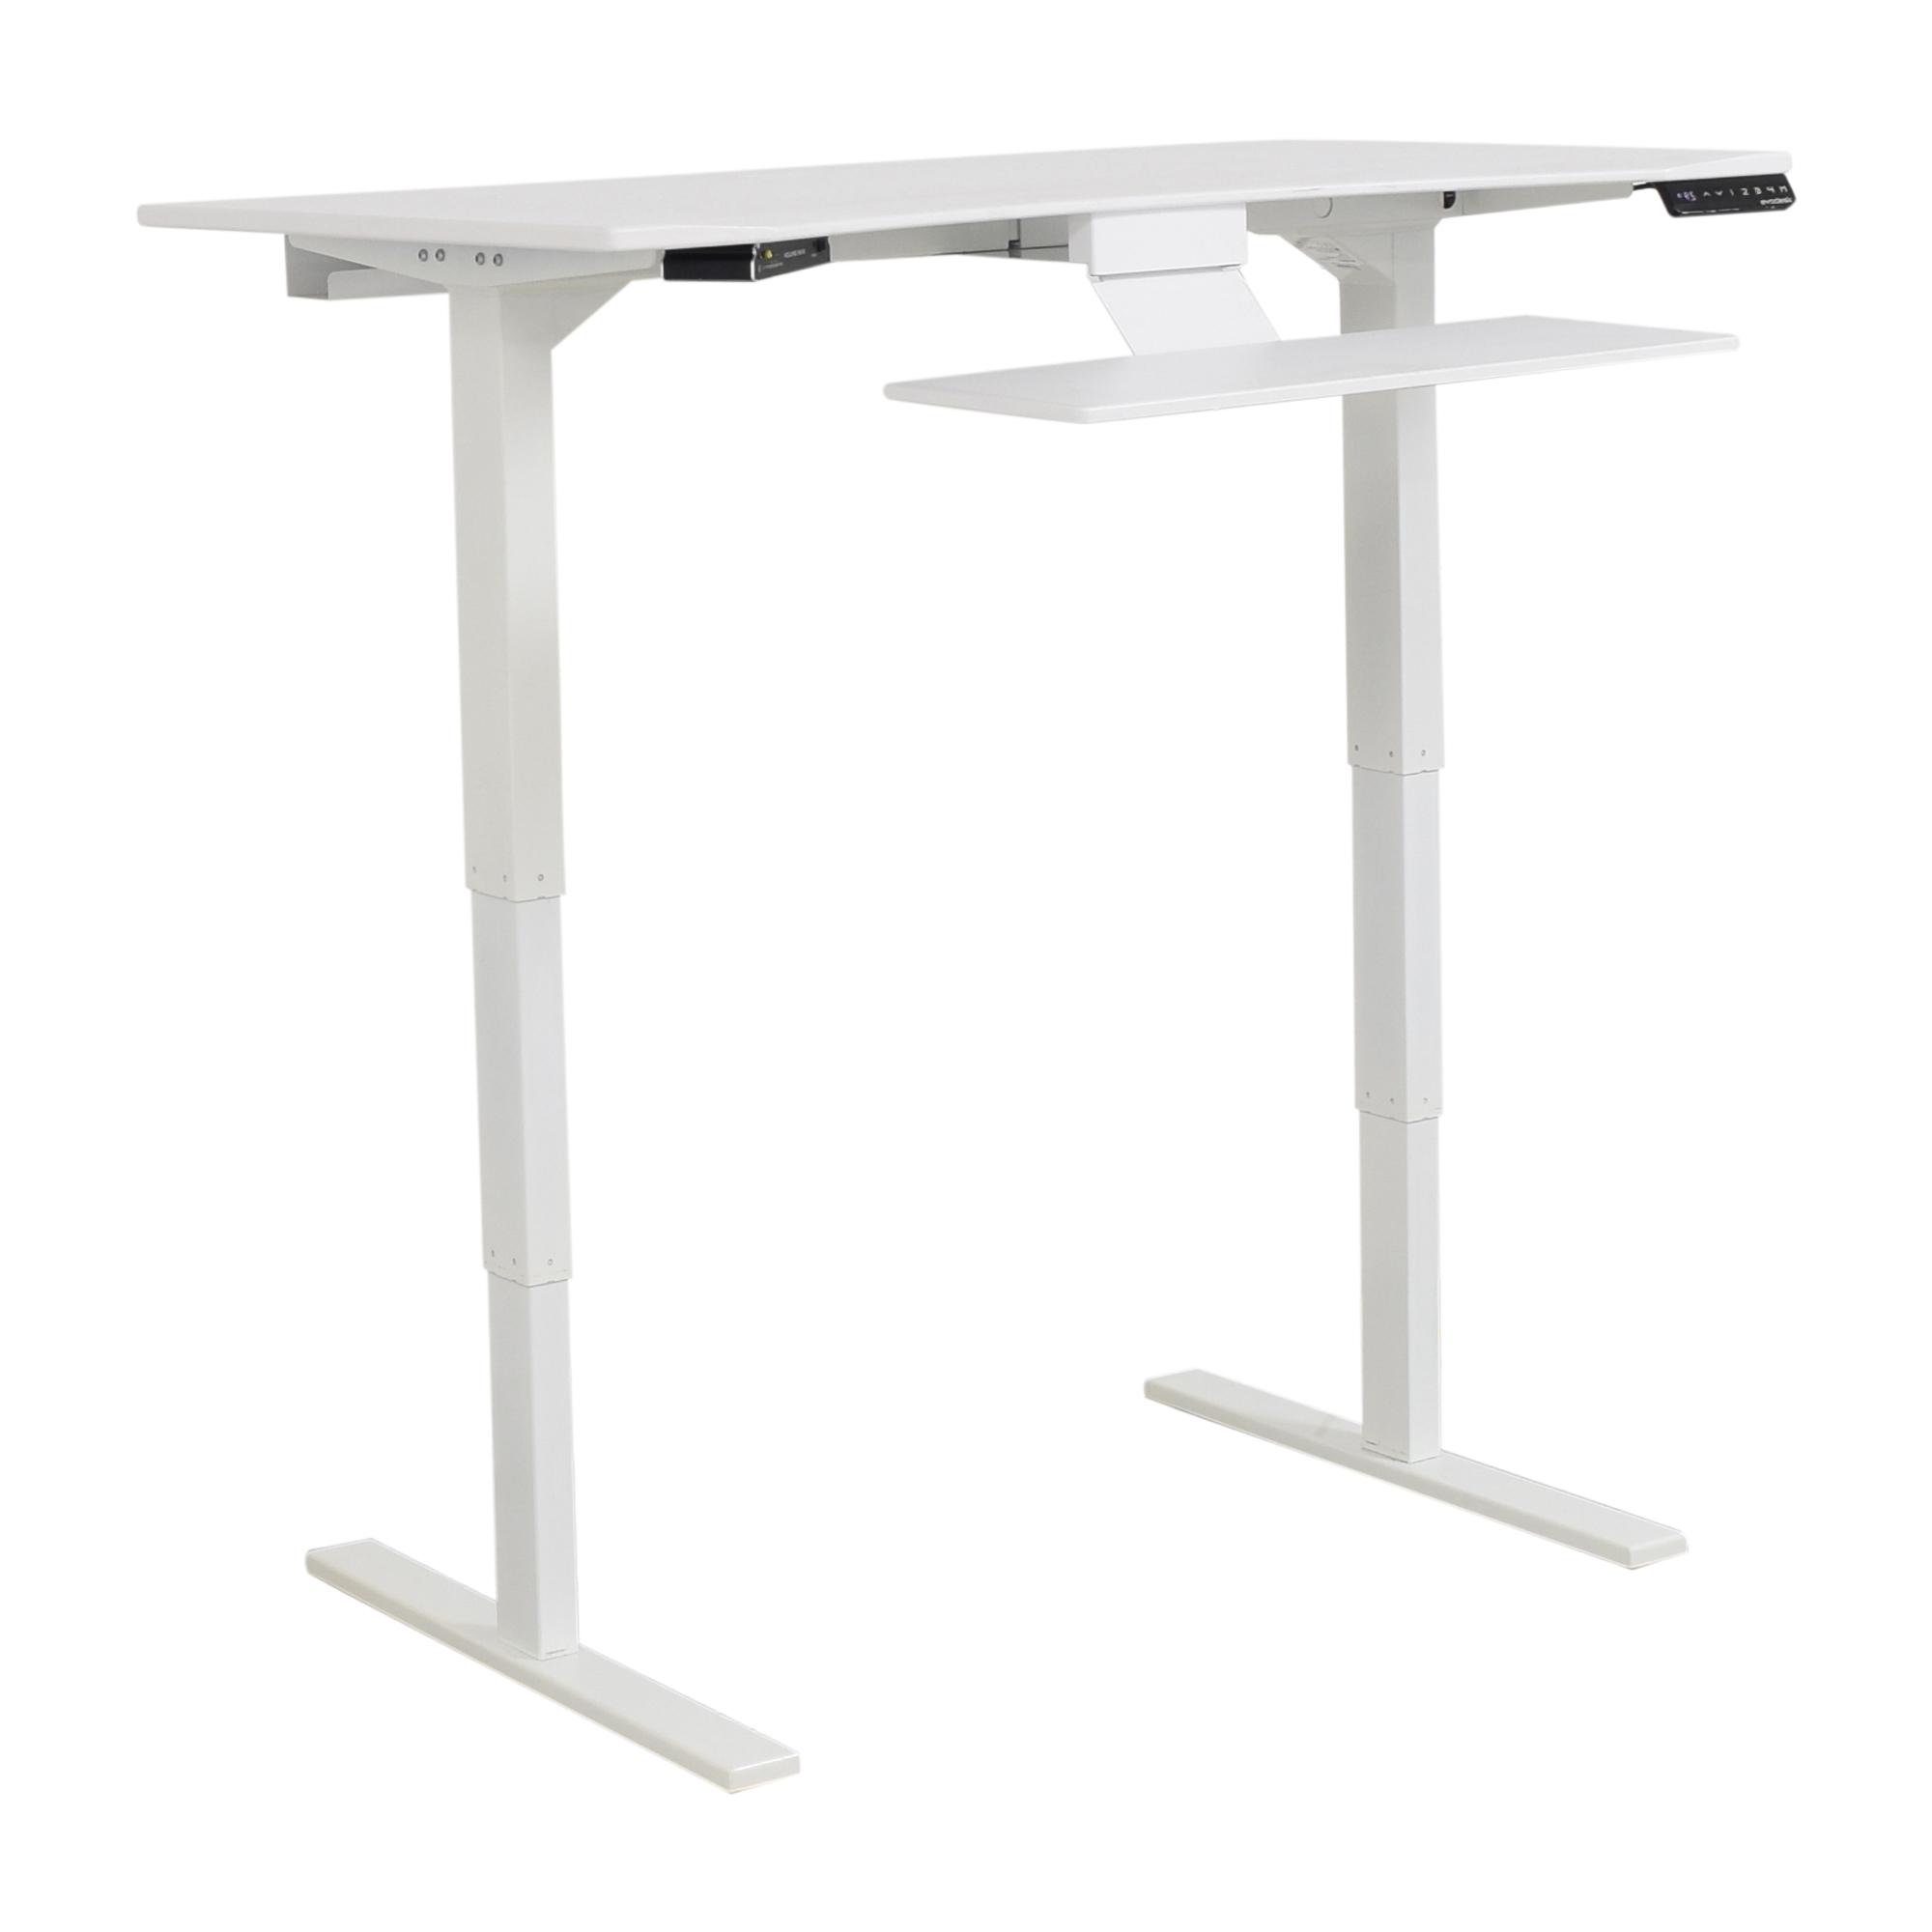 Evodesk Evodesk Power Adjustable Standing Desk coupon